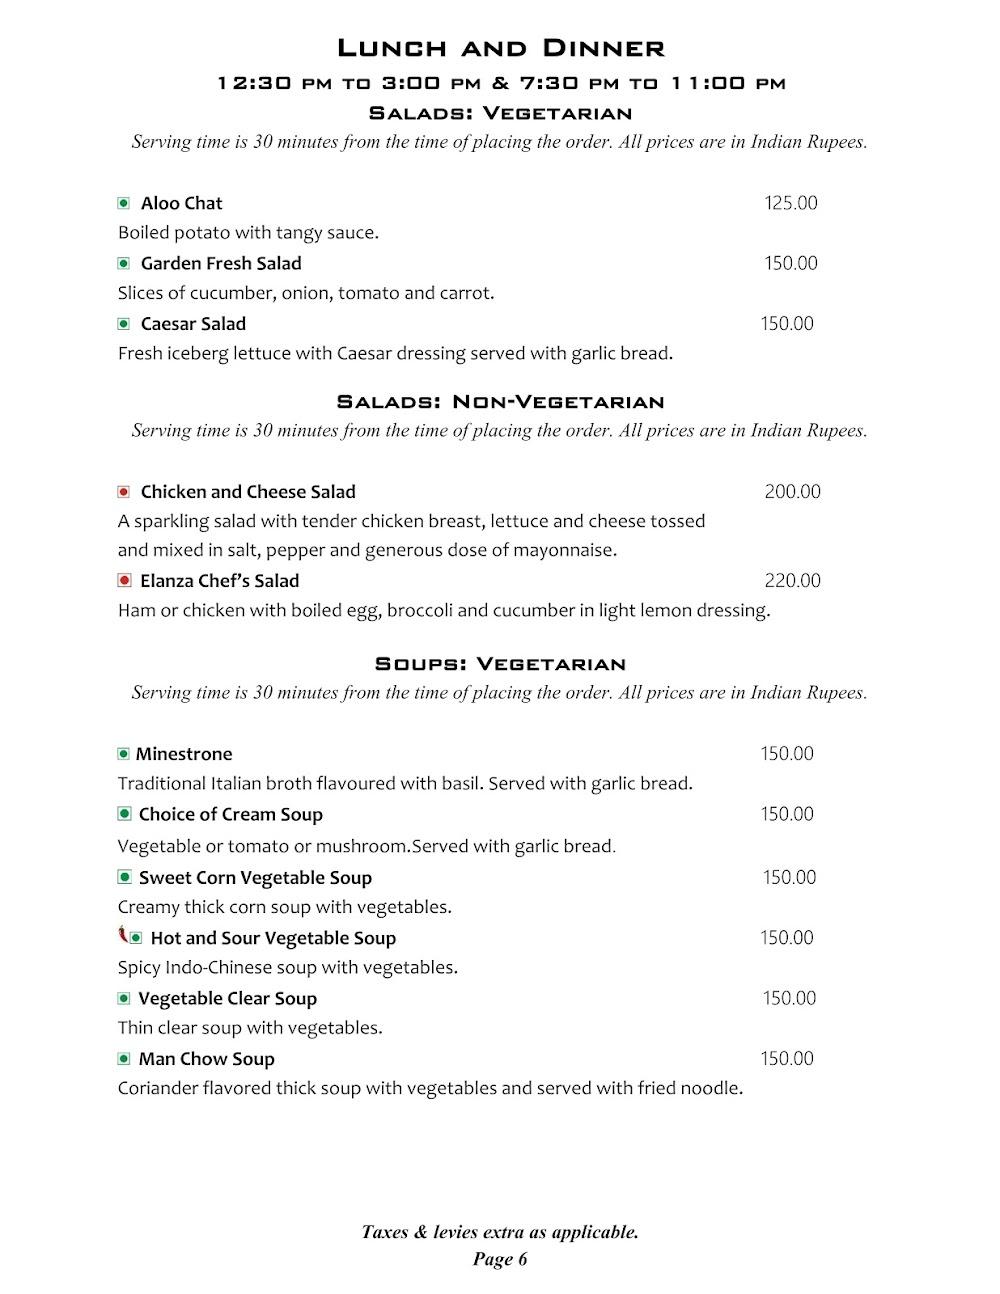 Cafe @ Elanza menu 7